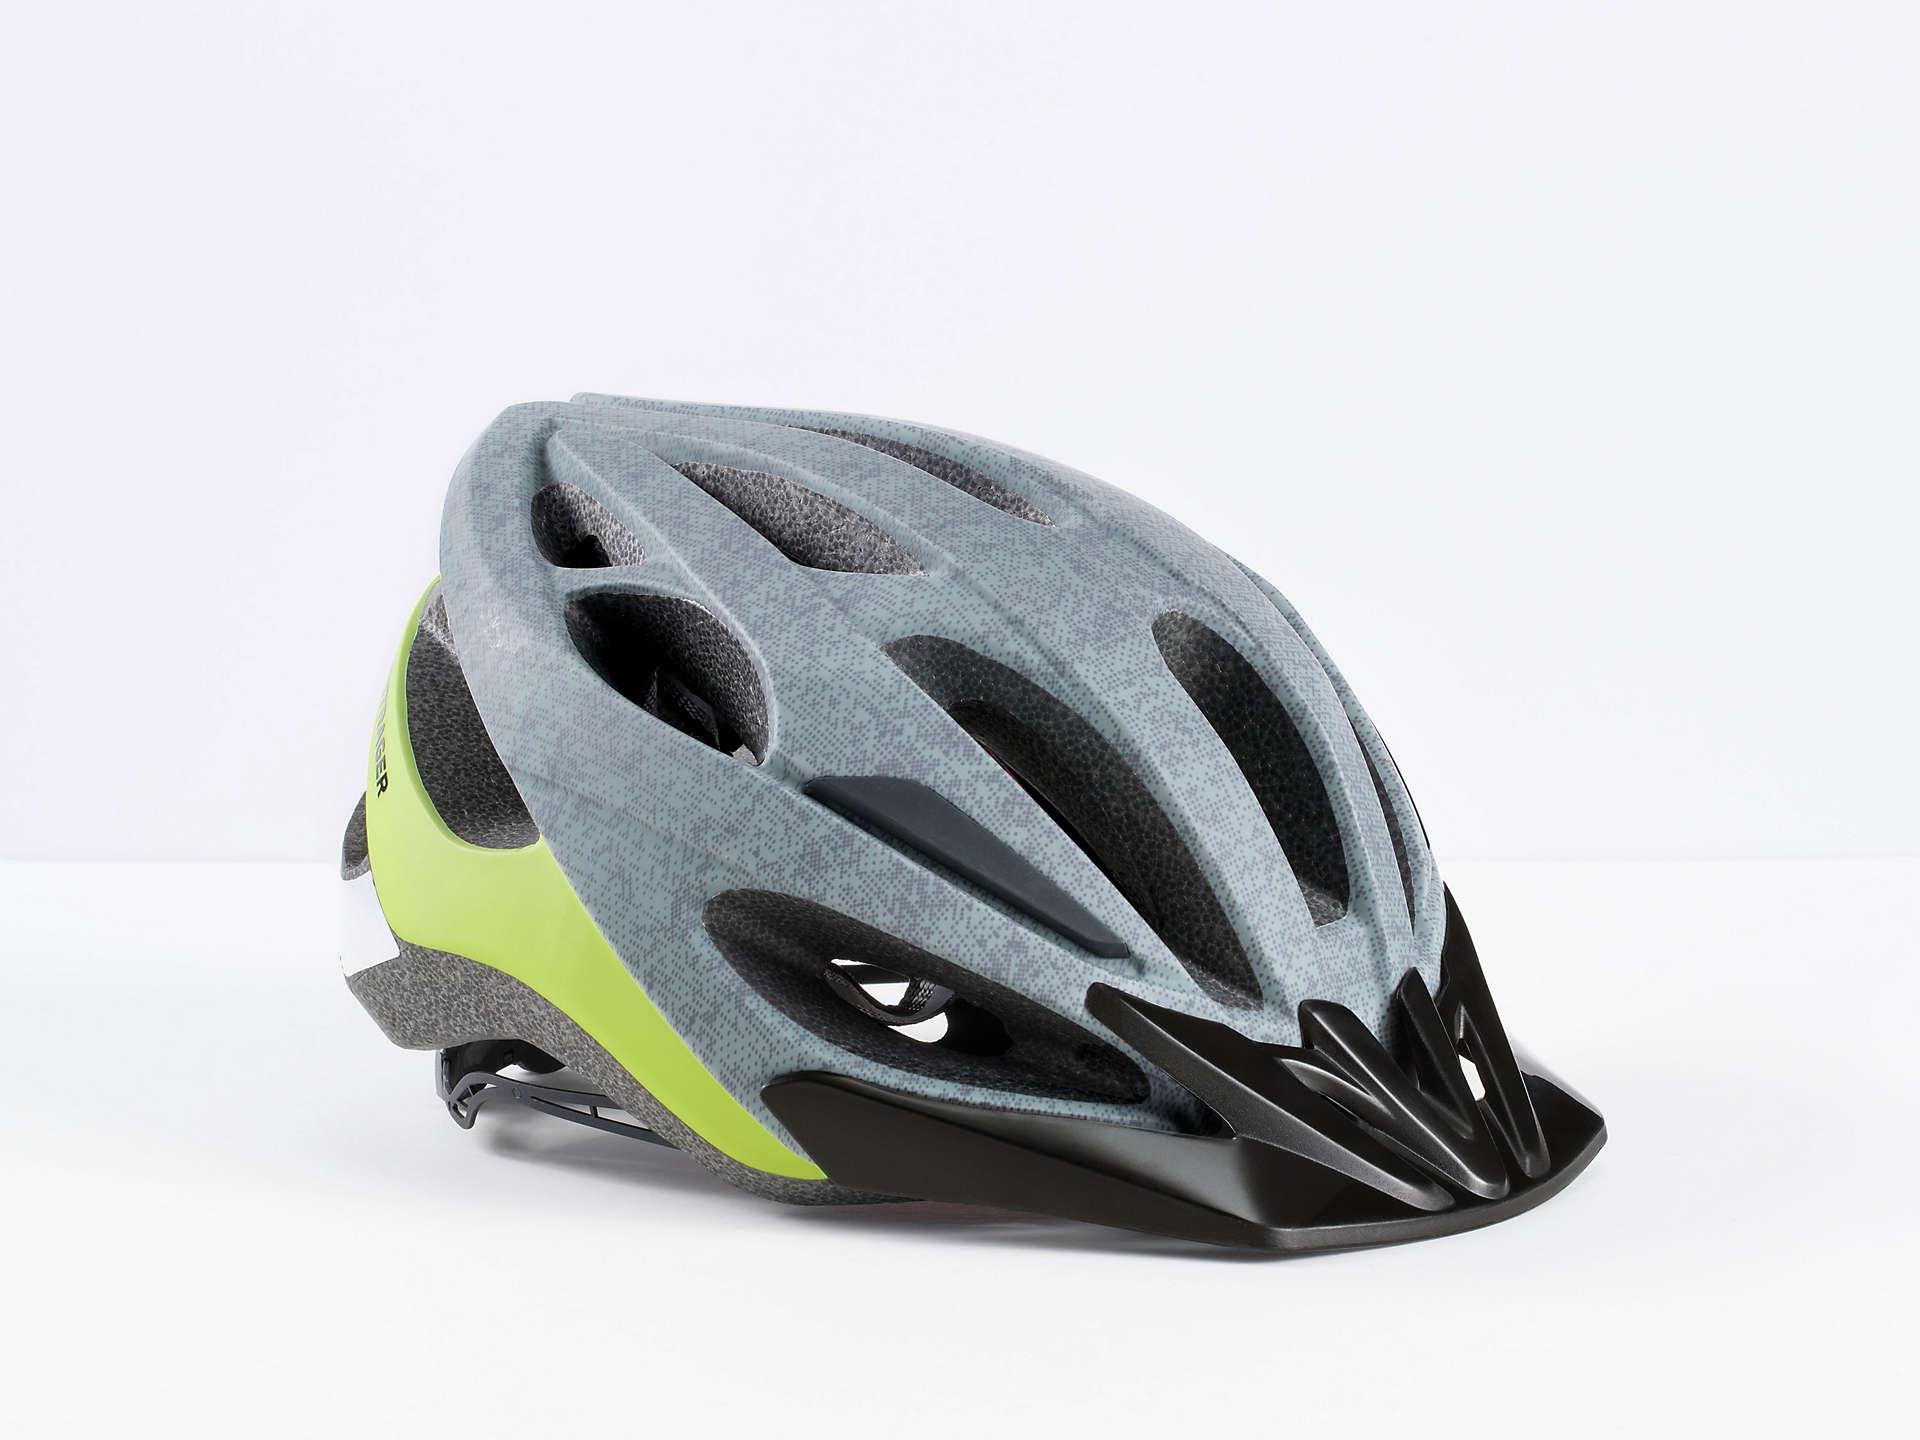 【ヘルメットのご案内】お子様向けから本格レース向けまでご用意しております。